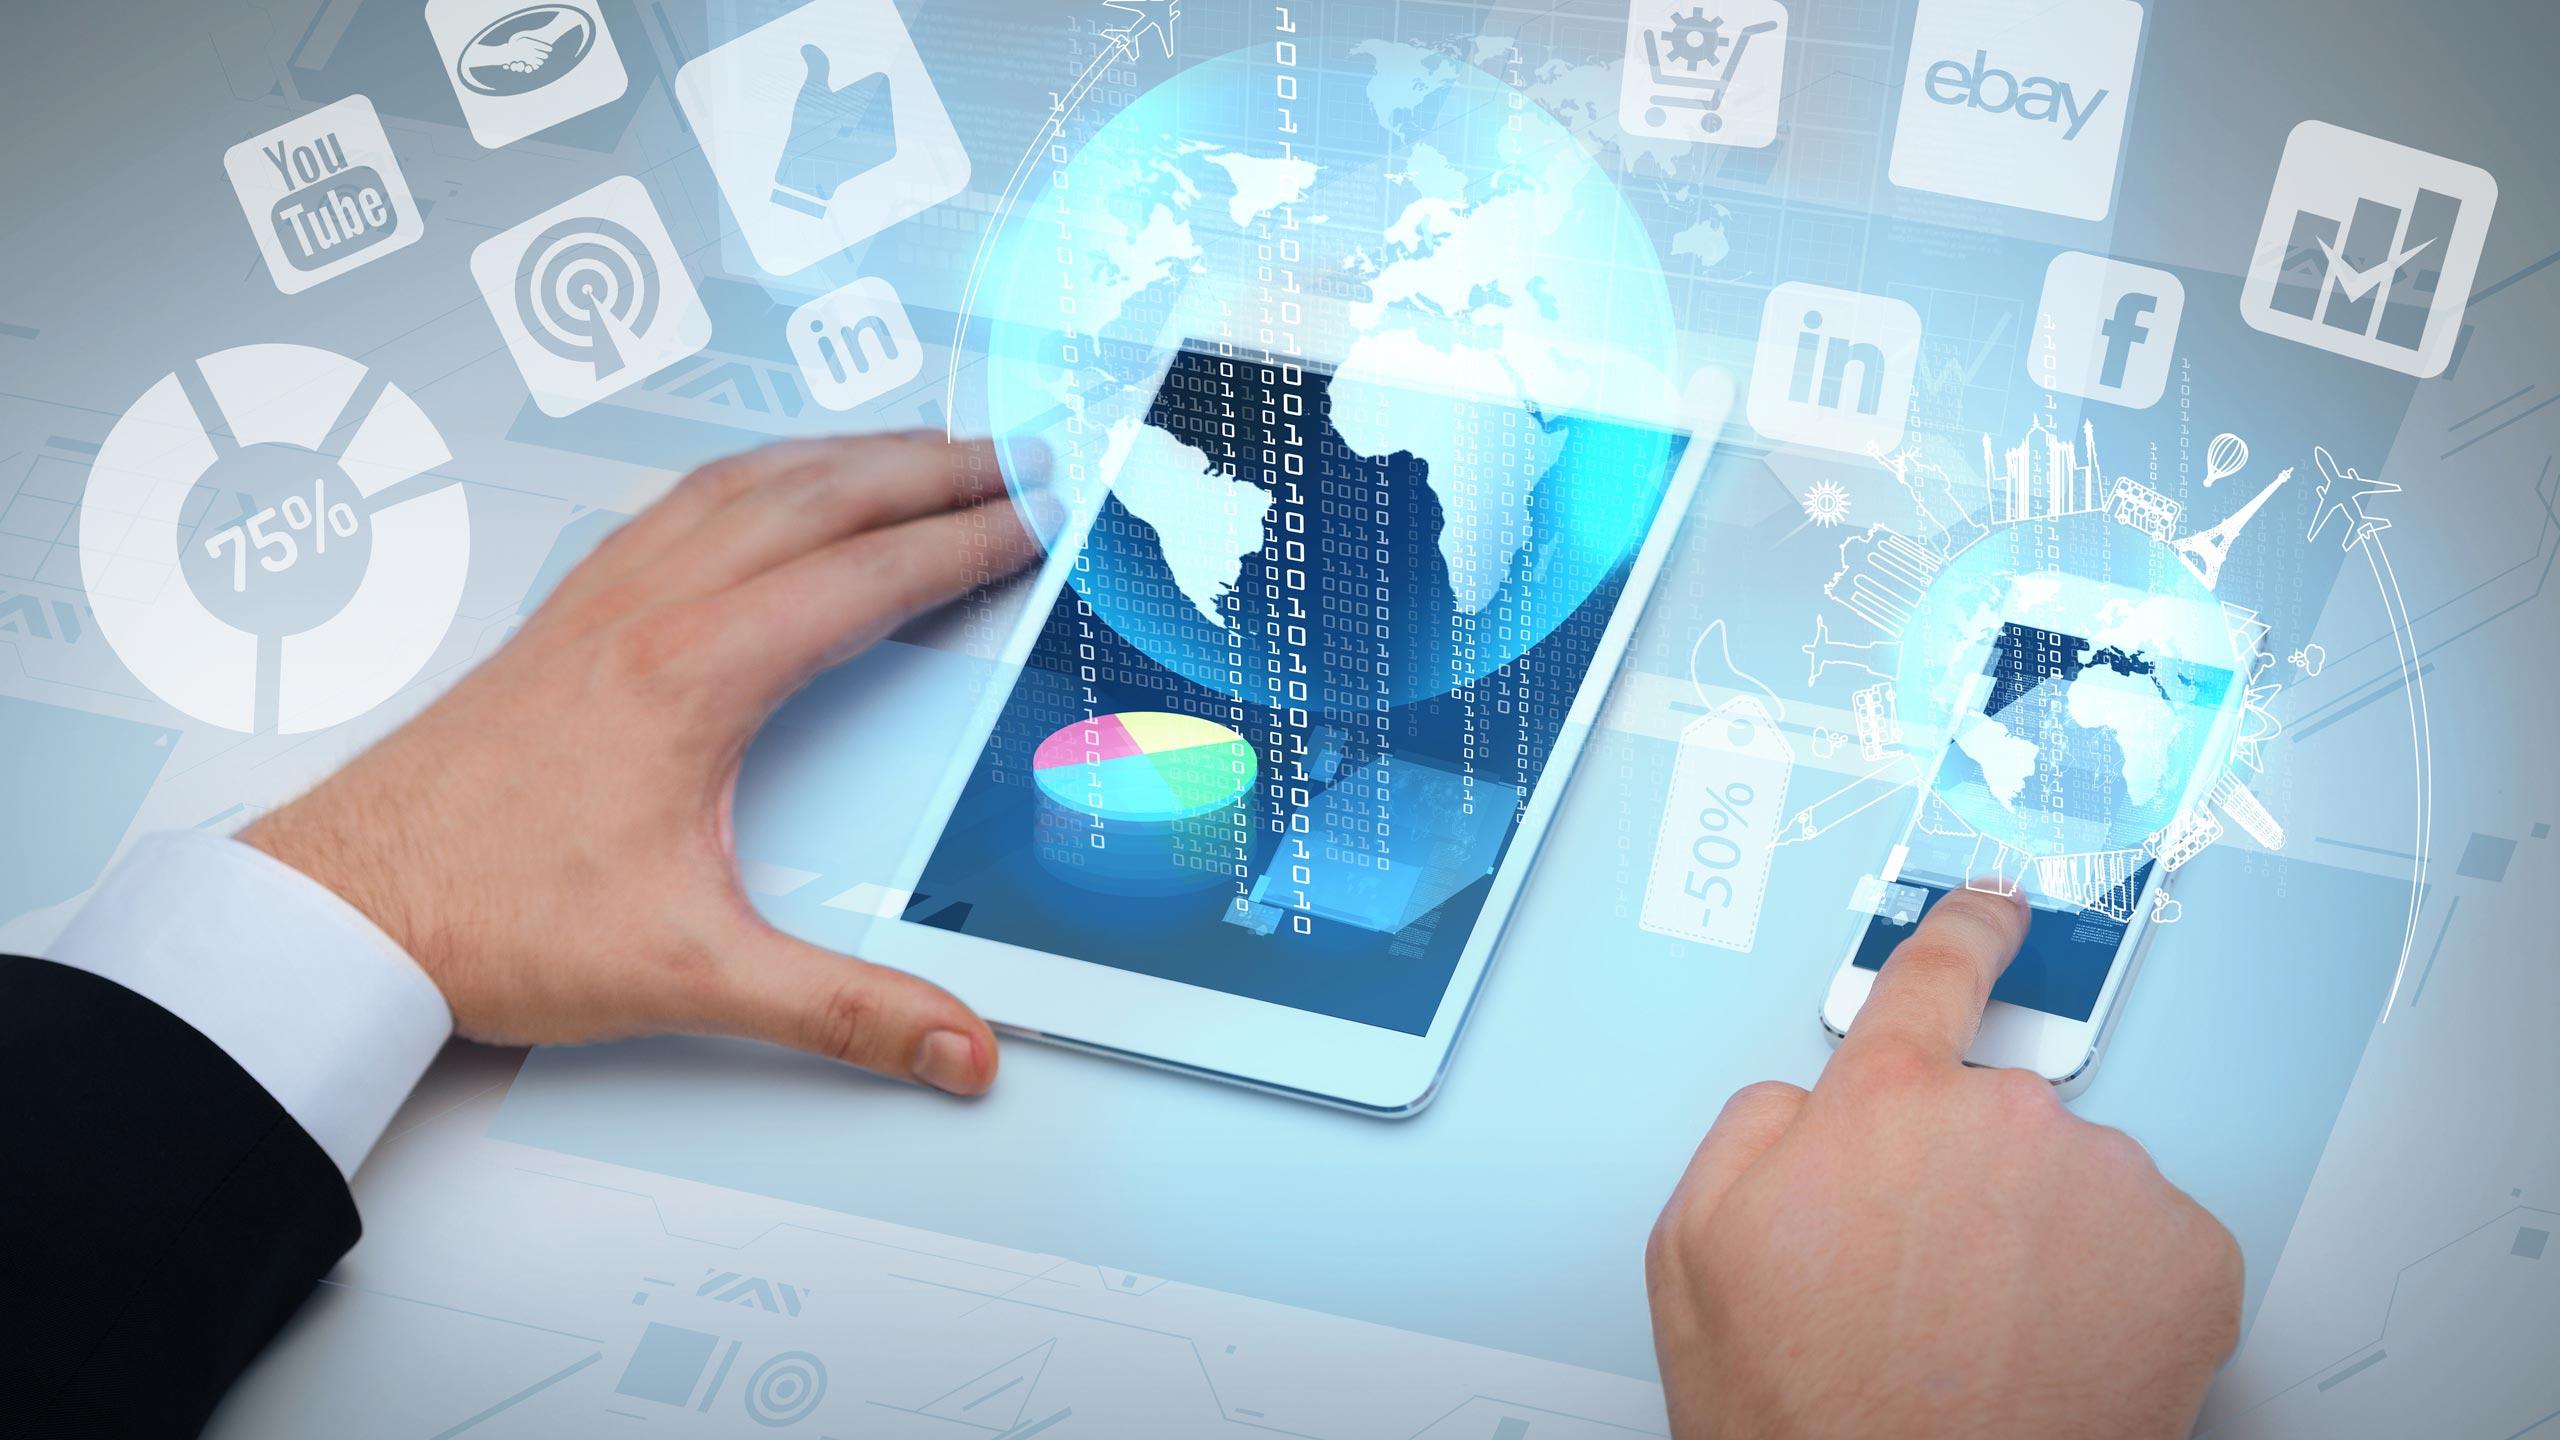 Empresas y Negocios digitales son el camino